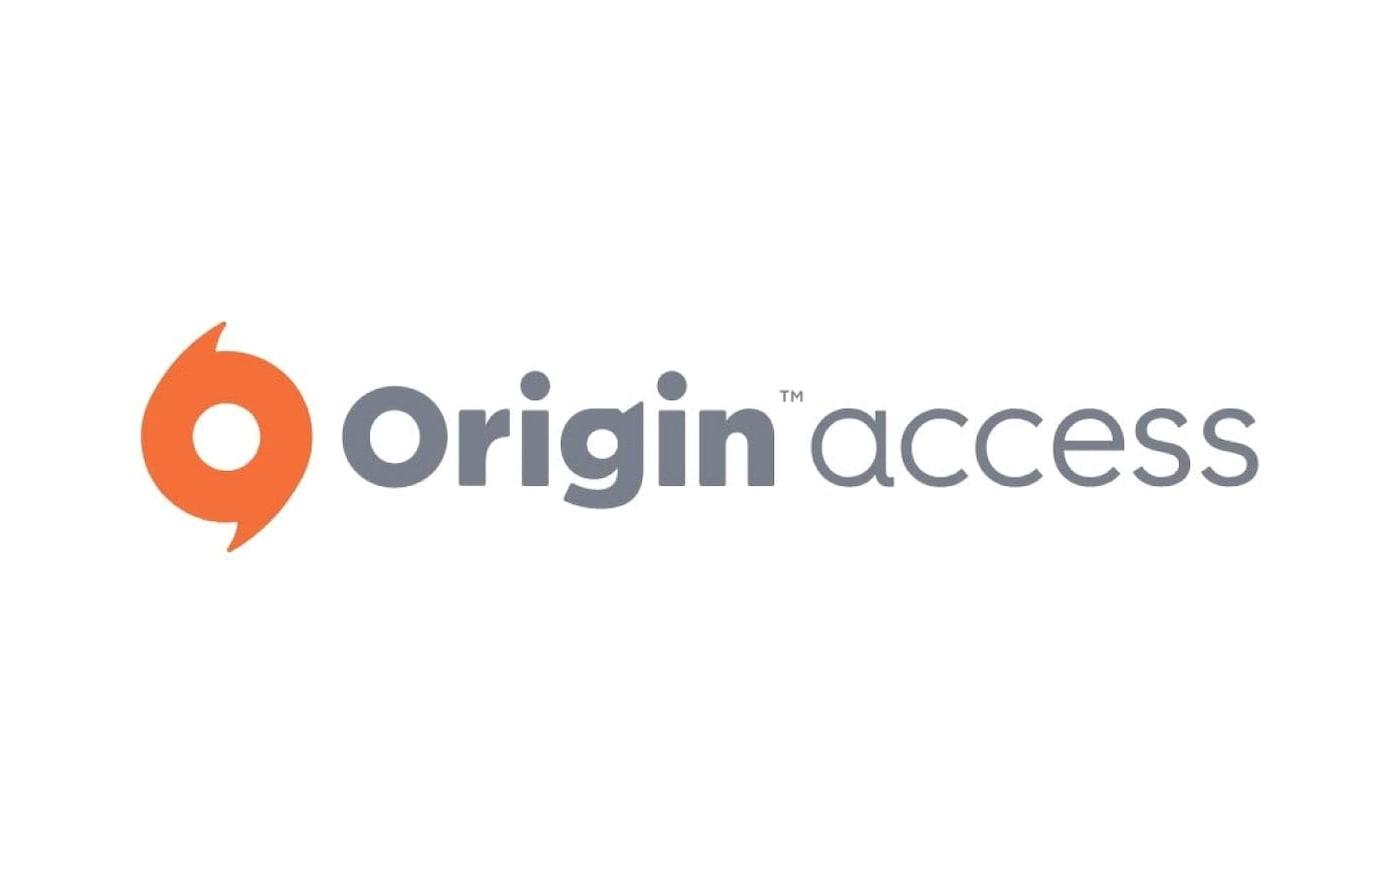 1 mês de Origin Acess grátis: Ganhe se você reforçar a segurança de sua conta na Origin